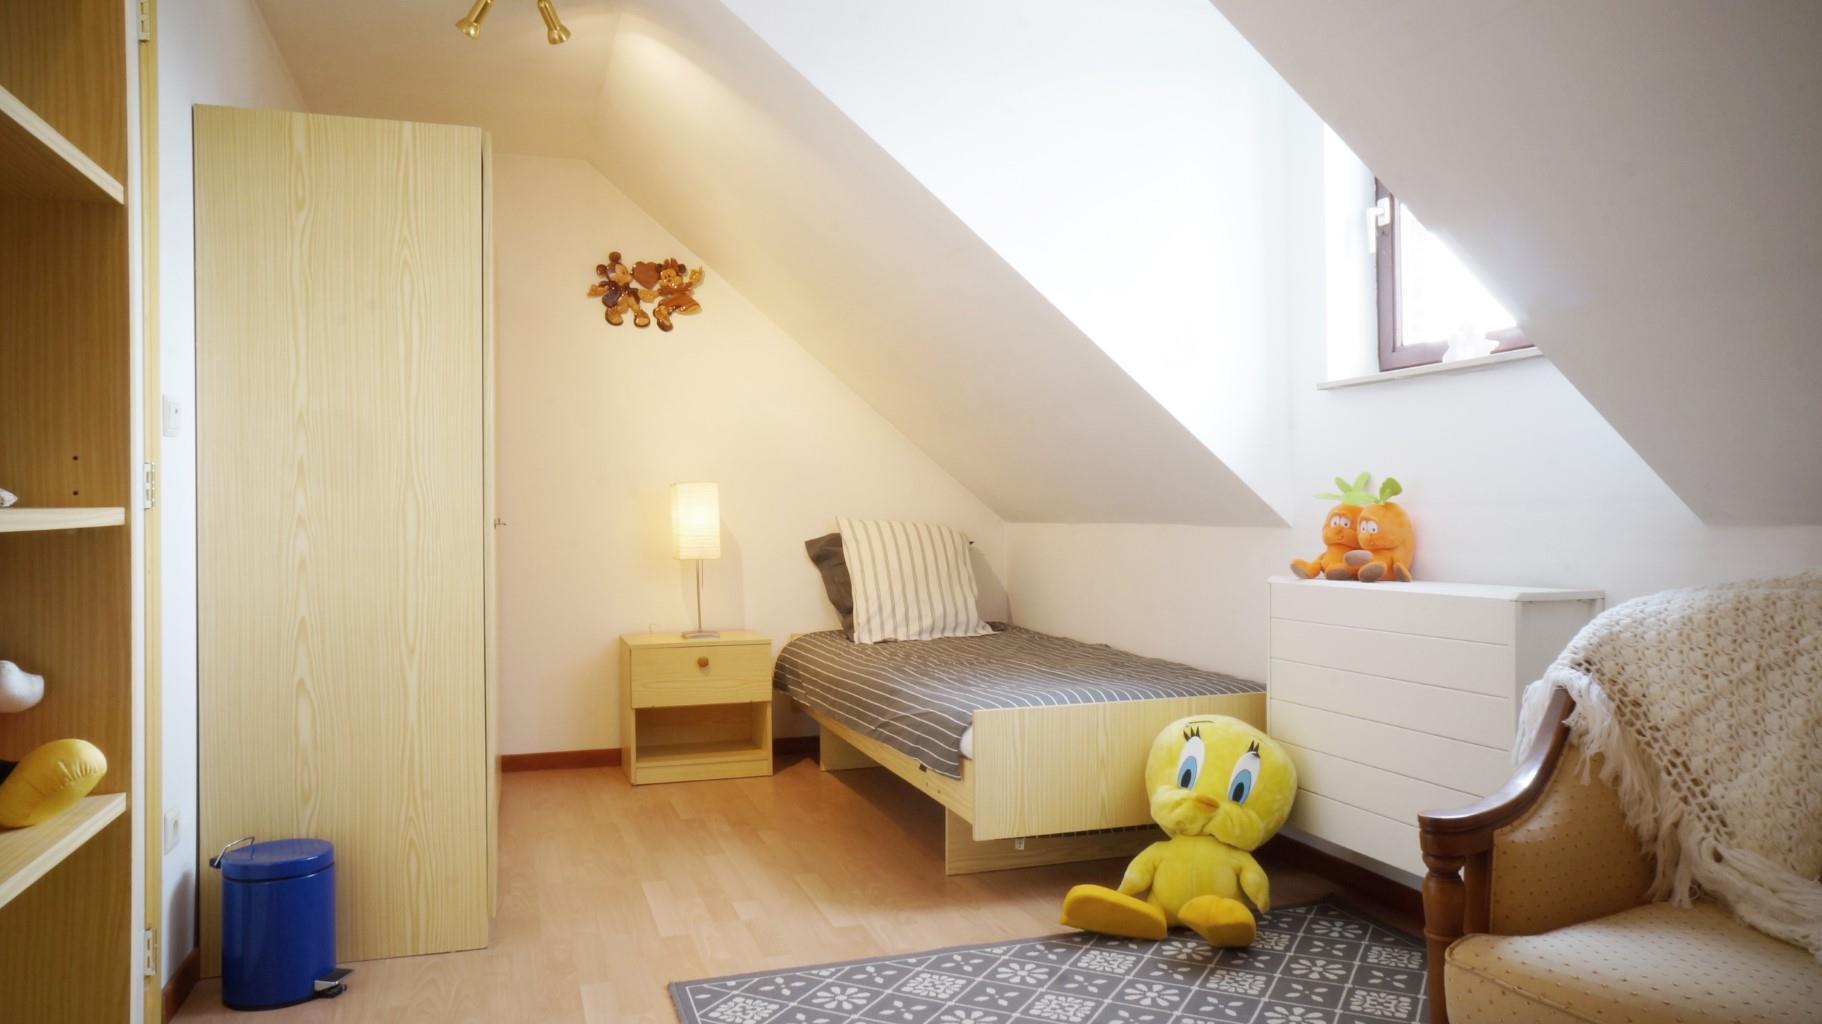 Maison - Perwez Thorembais-Saint-Trond - #4027352-16